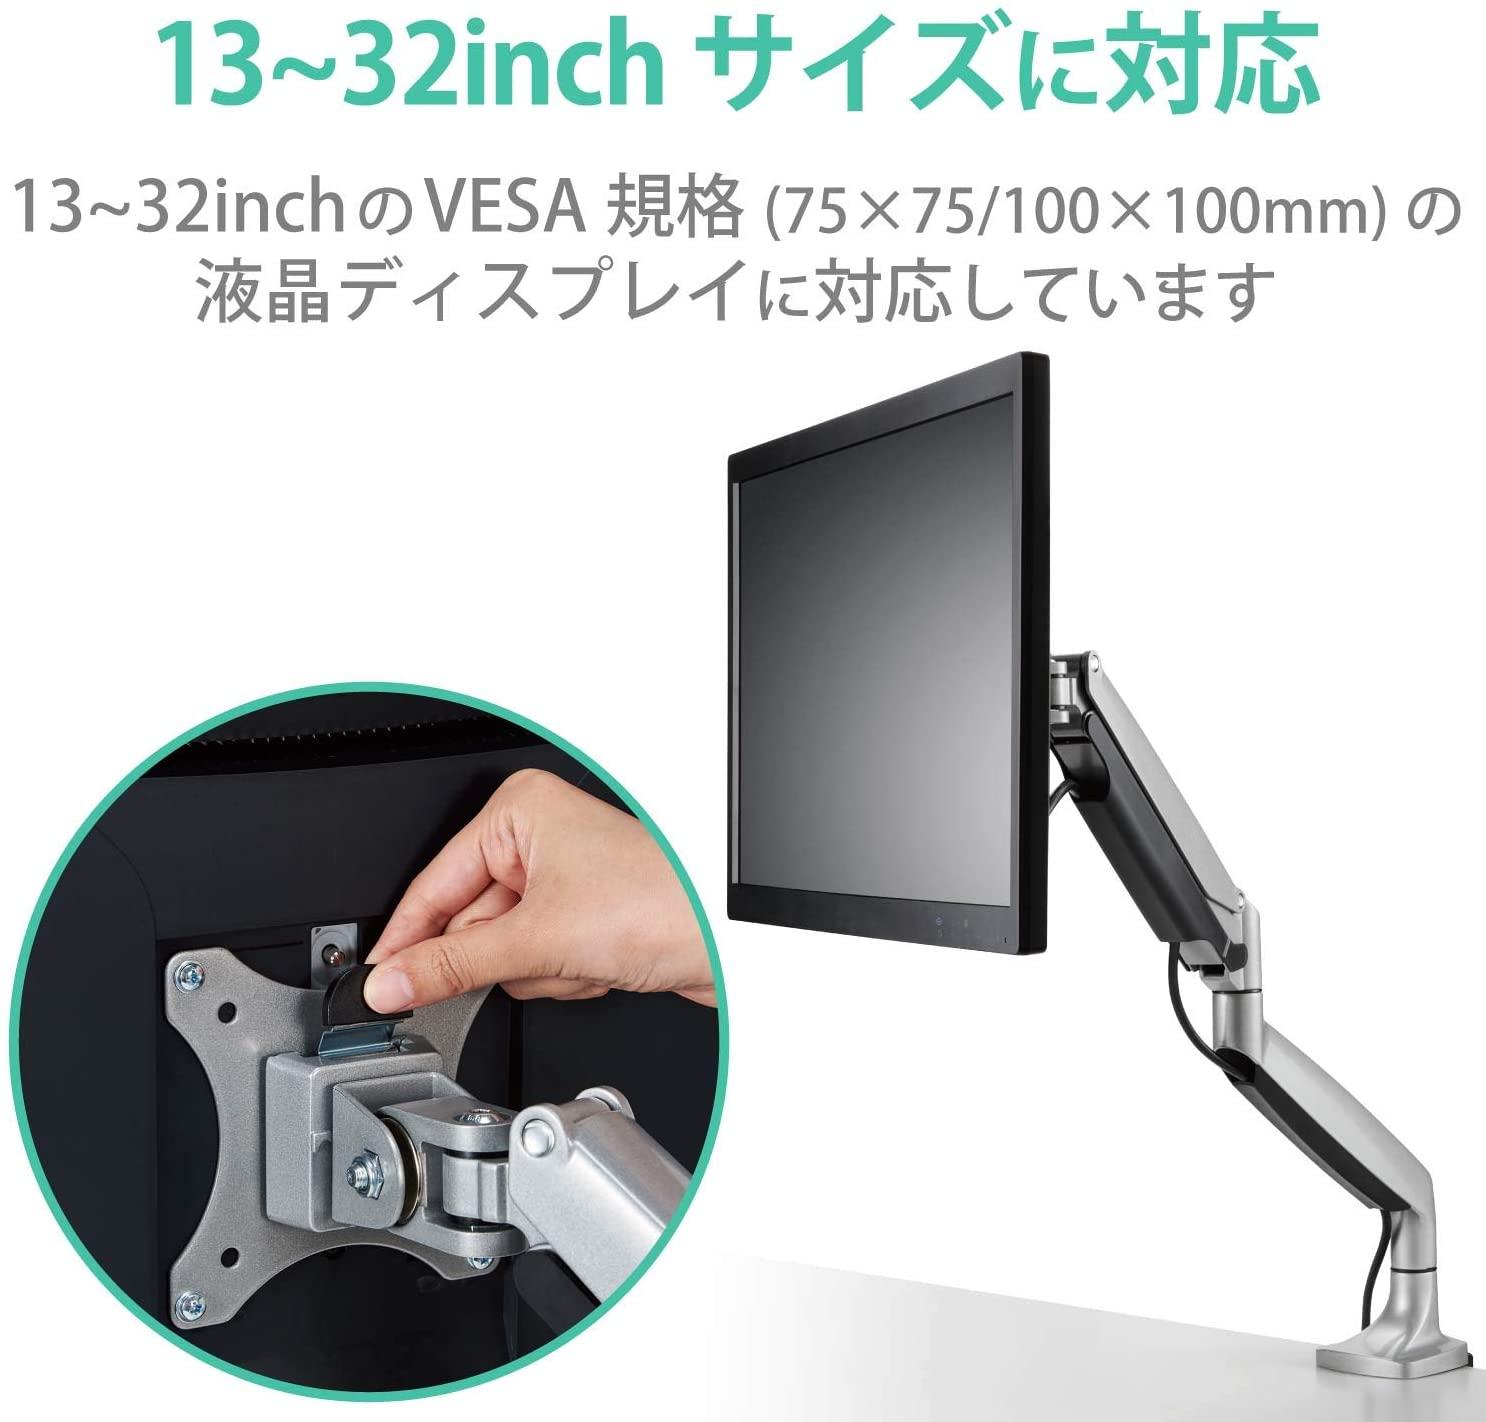 モニターアーム  ELECOM エレコム 液晶ディスプレイ シングルアーム ロング ガス式 シルバー DPA-SL02SV 【新品】